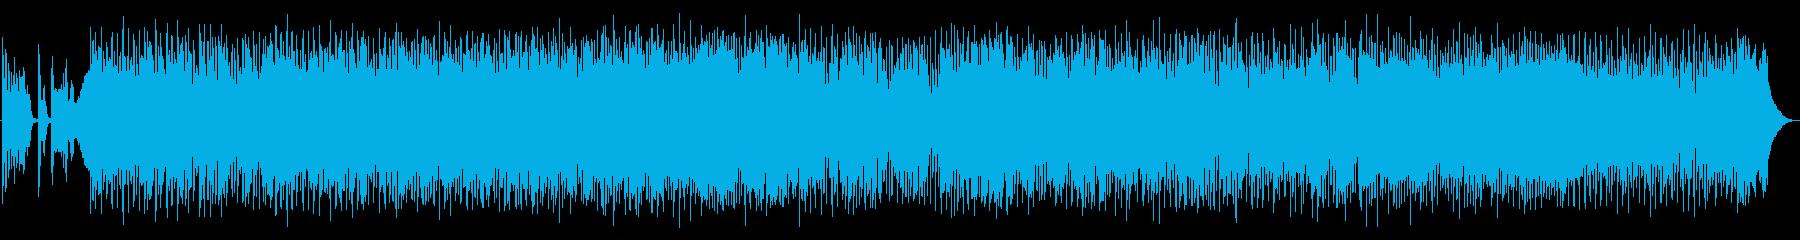 ホーンセクションとクラビの元気の出る作品の再生済みの波形